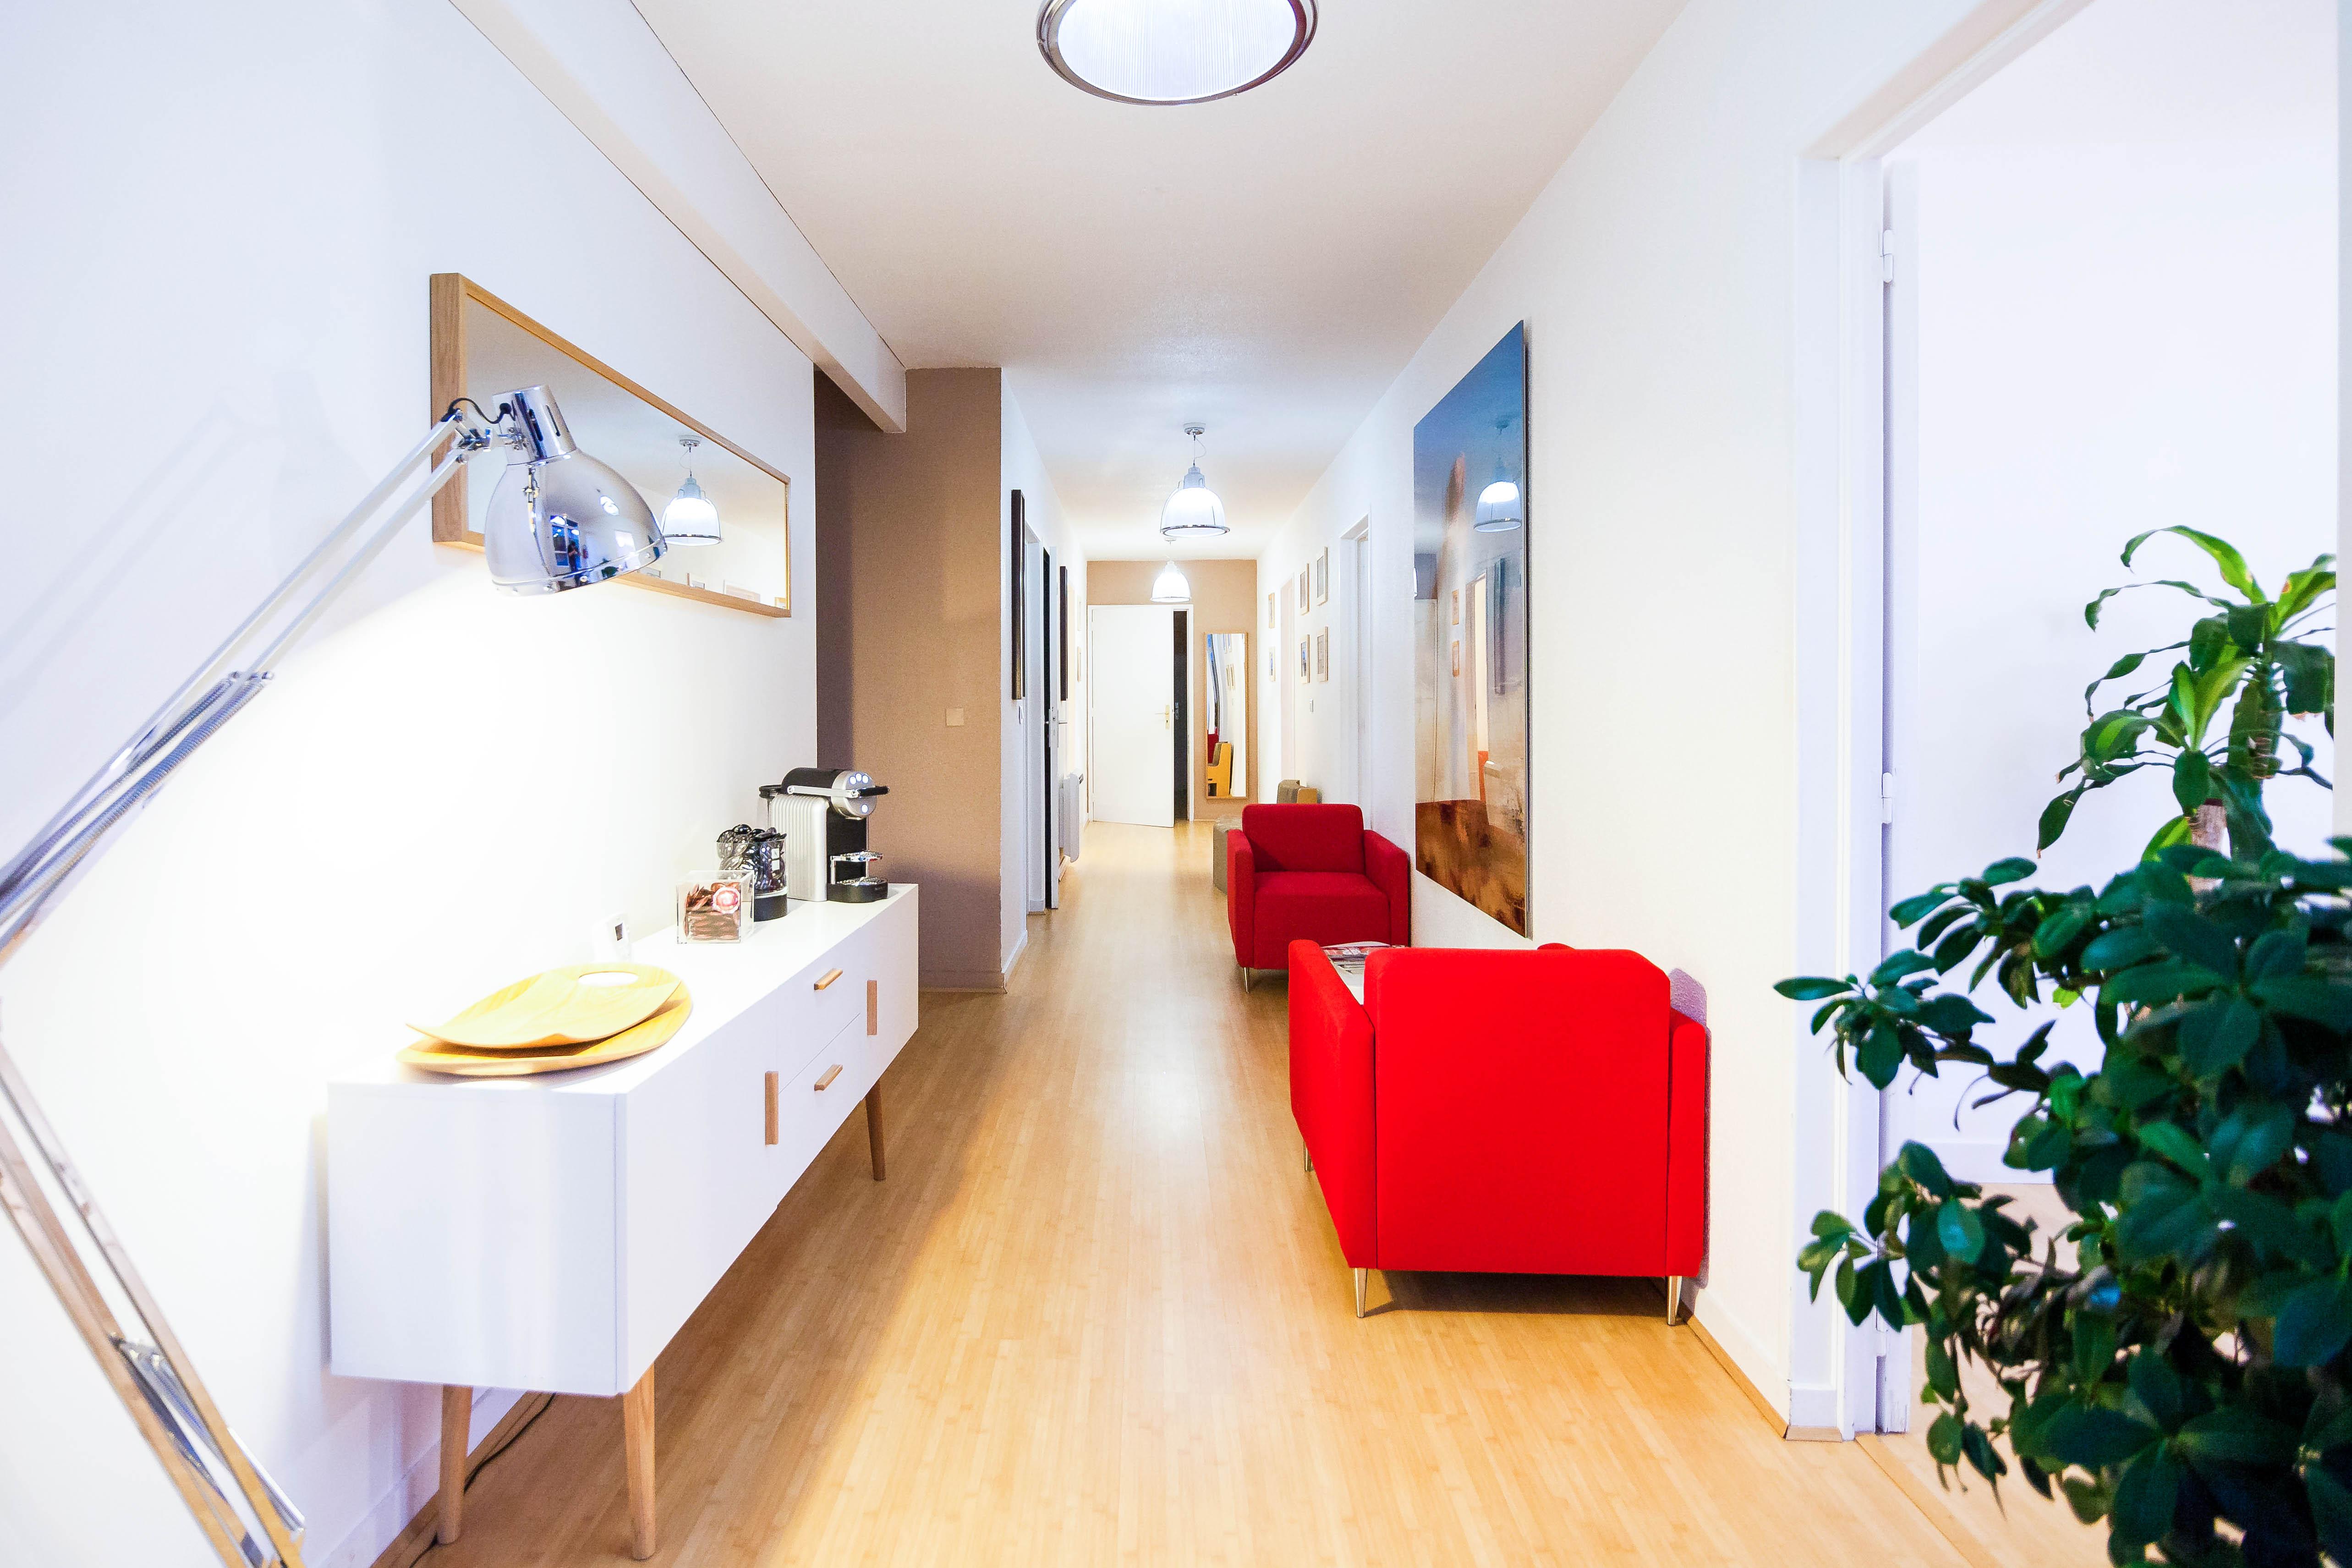 Fotos gratis : casa, piso, interior, cabaña, propiedad, mueble ...